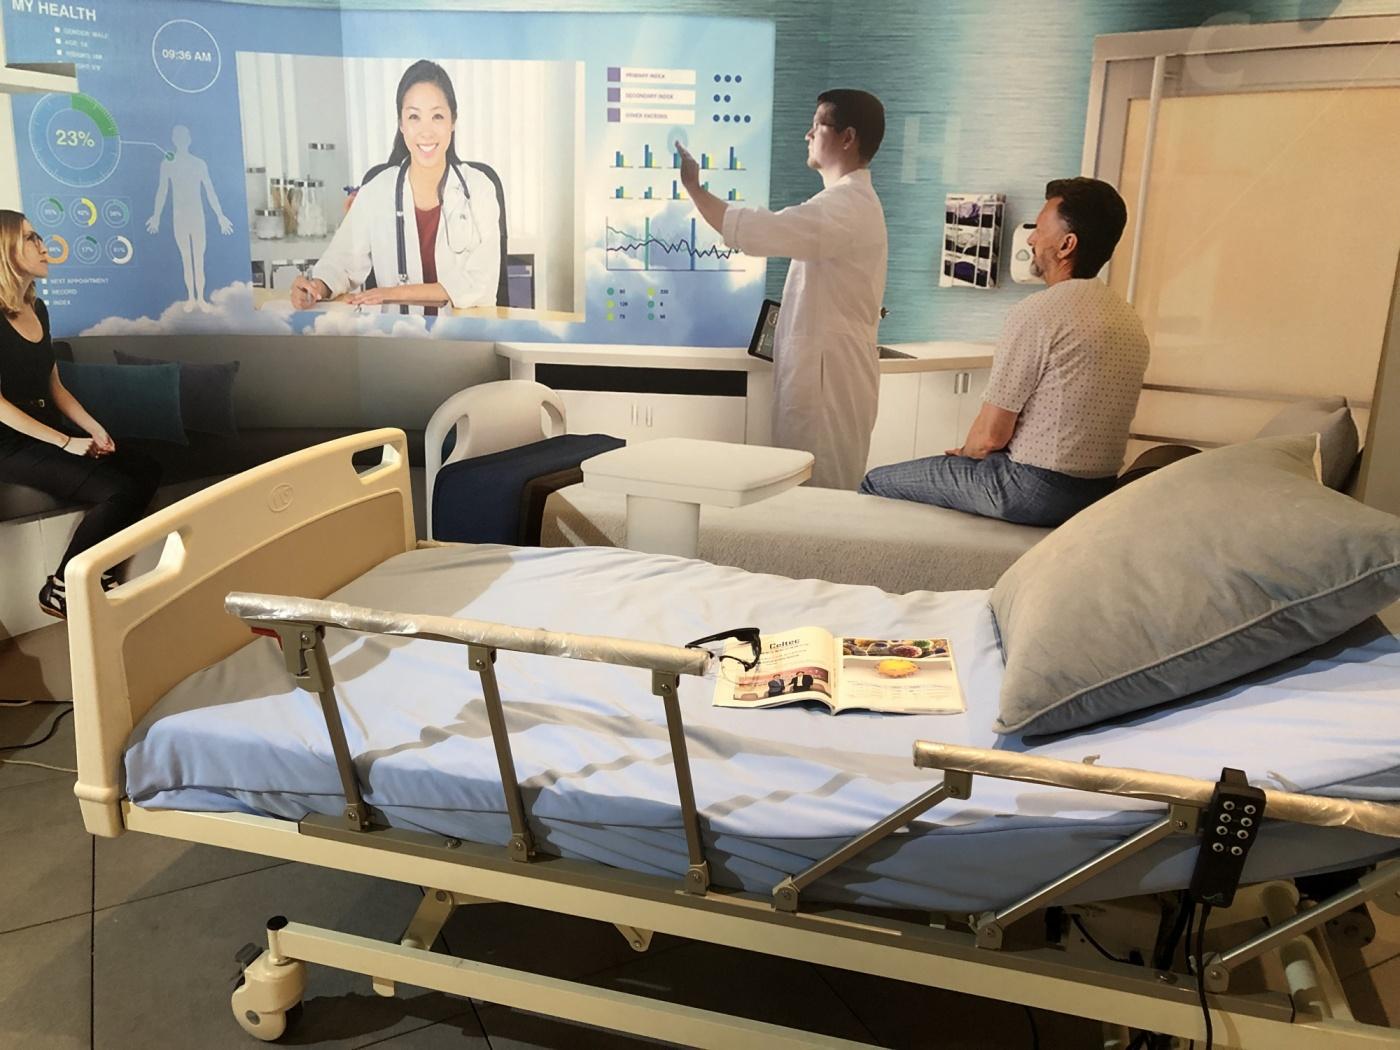 拋出2030未來醫院新想像,比翼加速器Demo Day聚焦兩大主軸